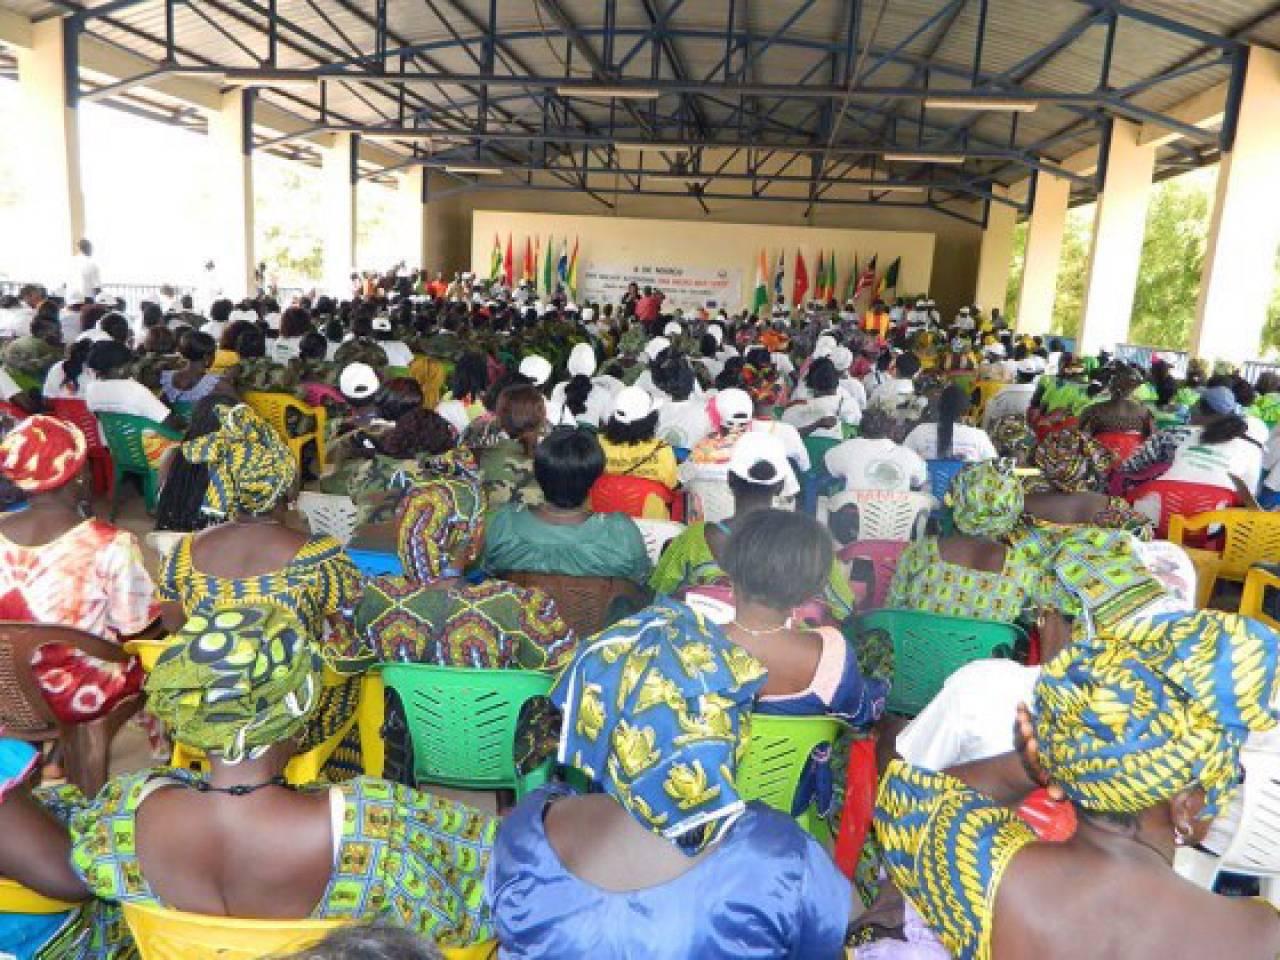 Célébration de la Journée Internationale de la Femme 2015 par les Femmes de la pêche Artisanale Africaine